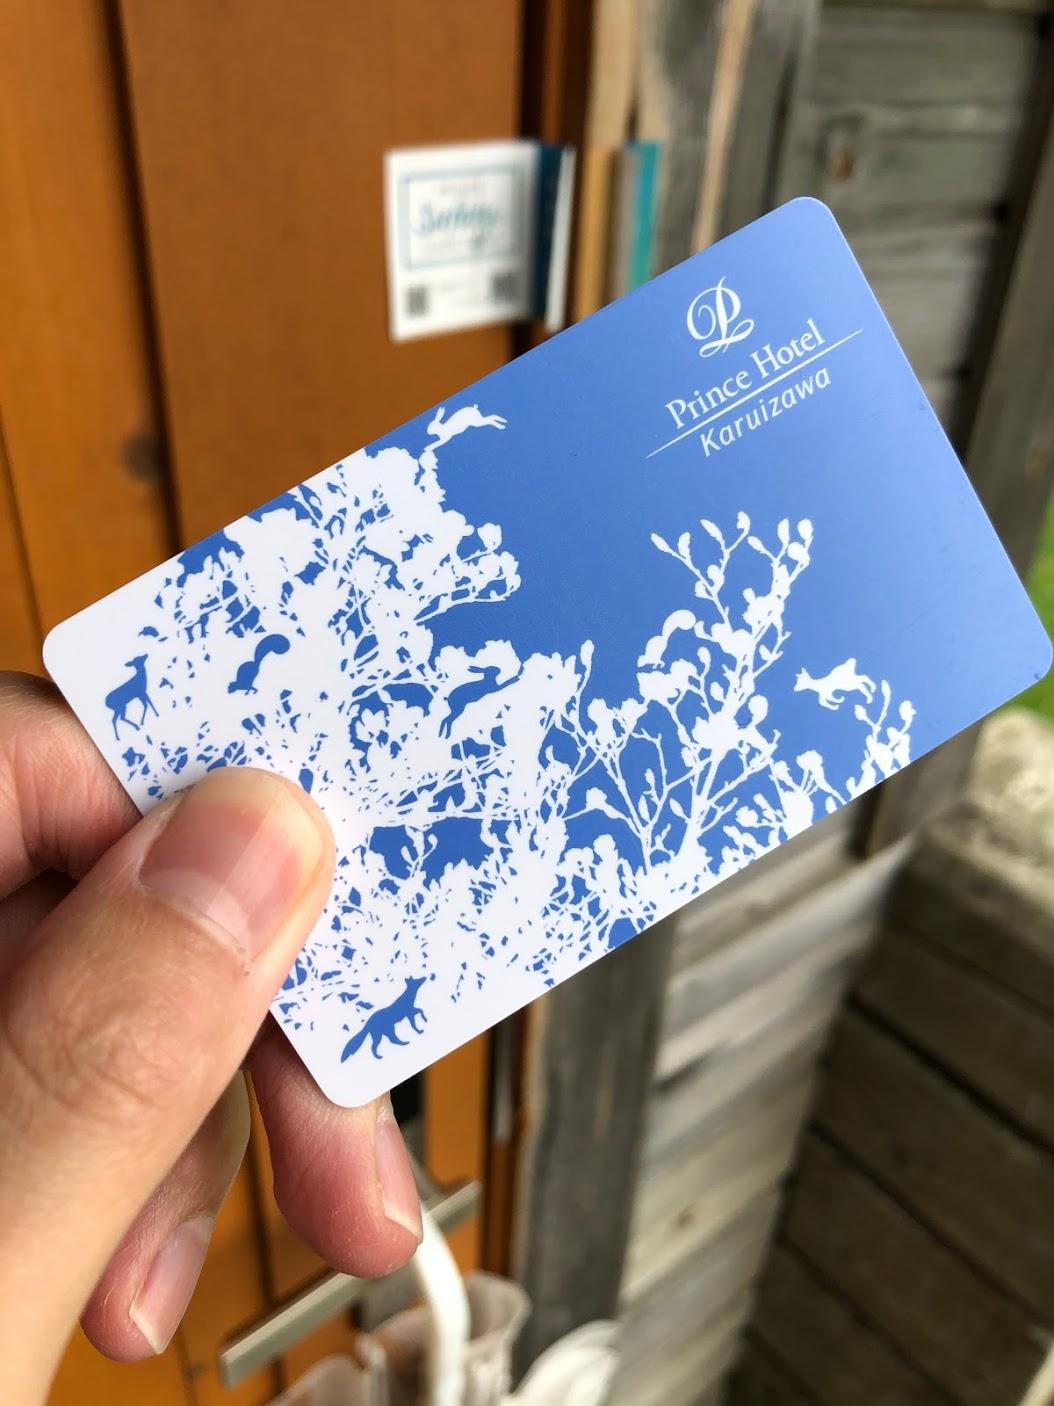 軽井沢プリンスホテル ウェスト コテージ カードキー